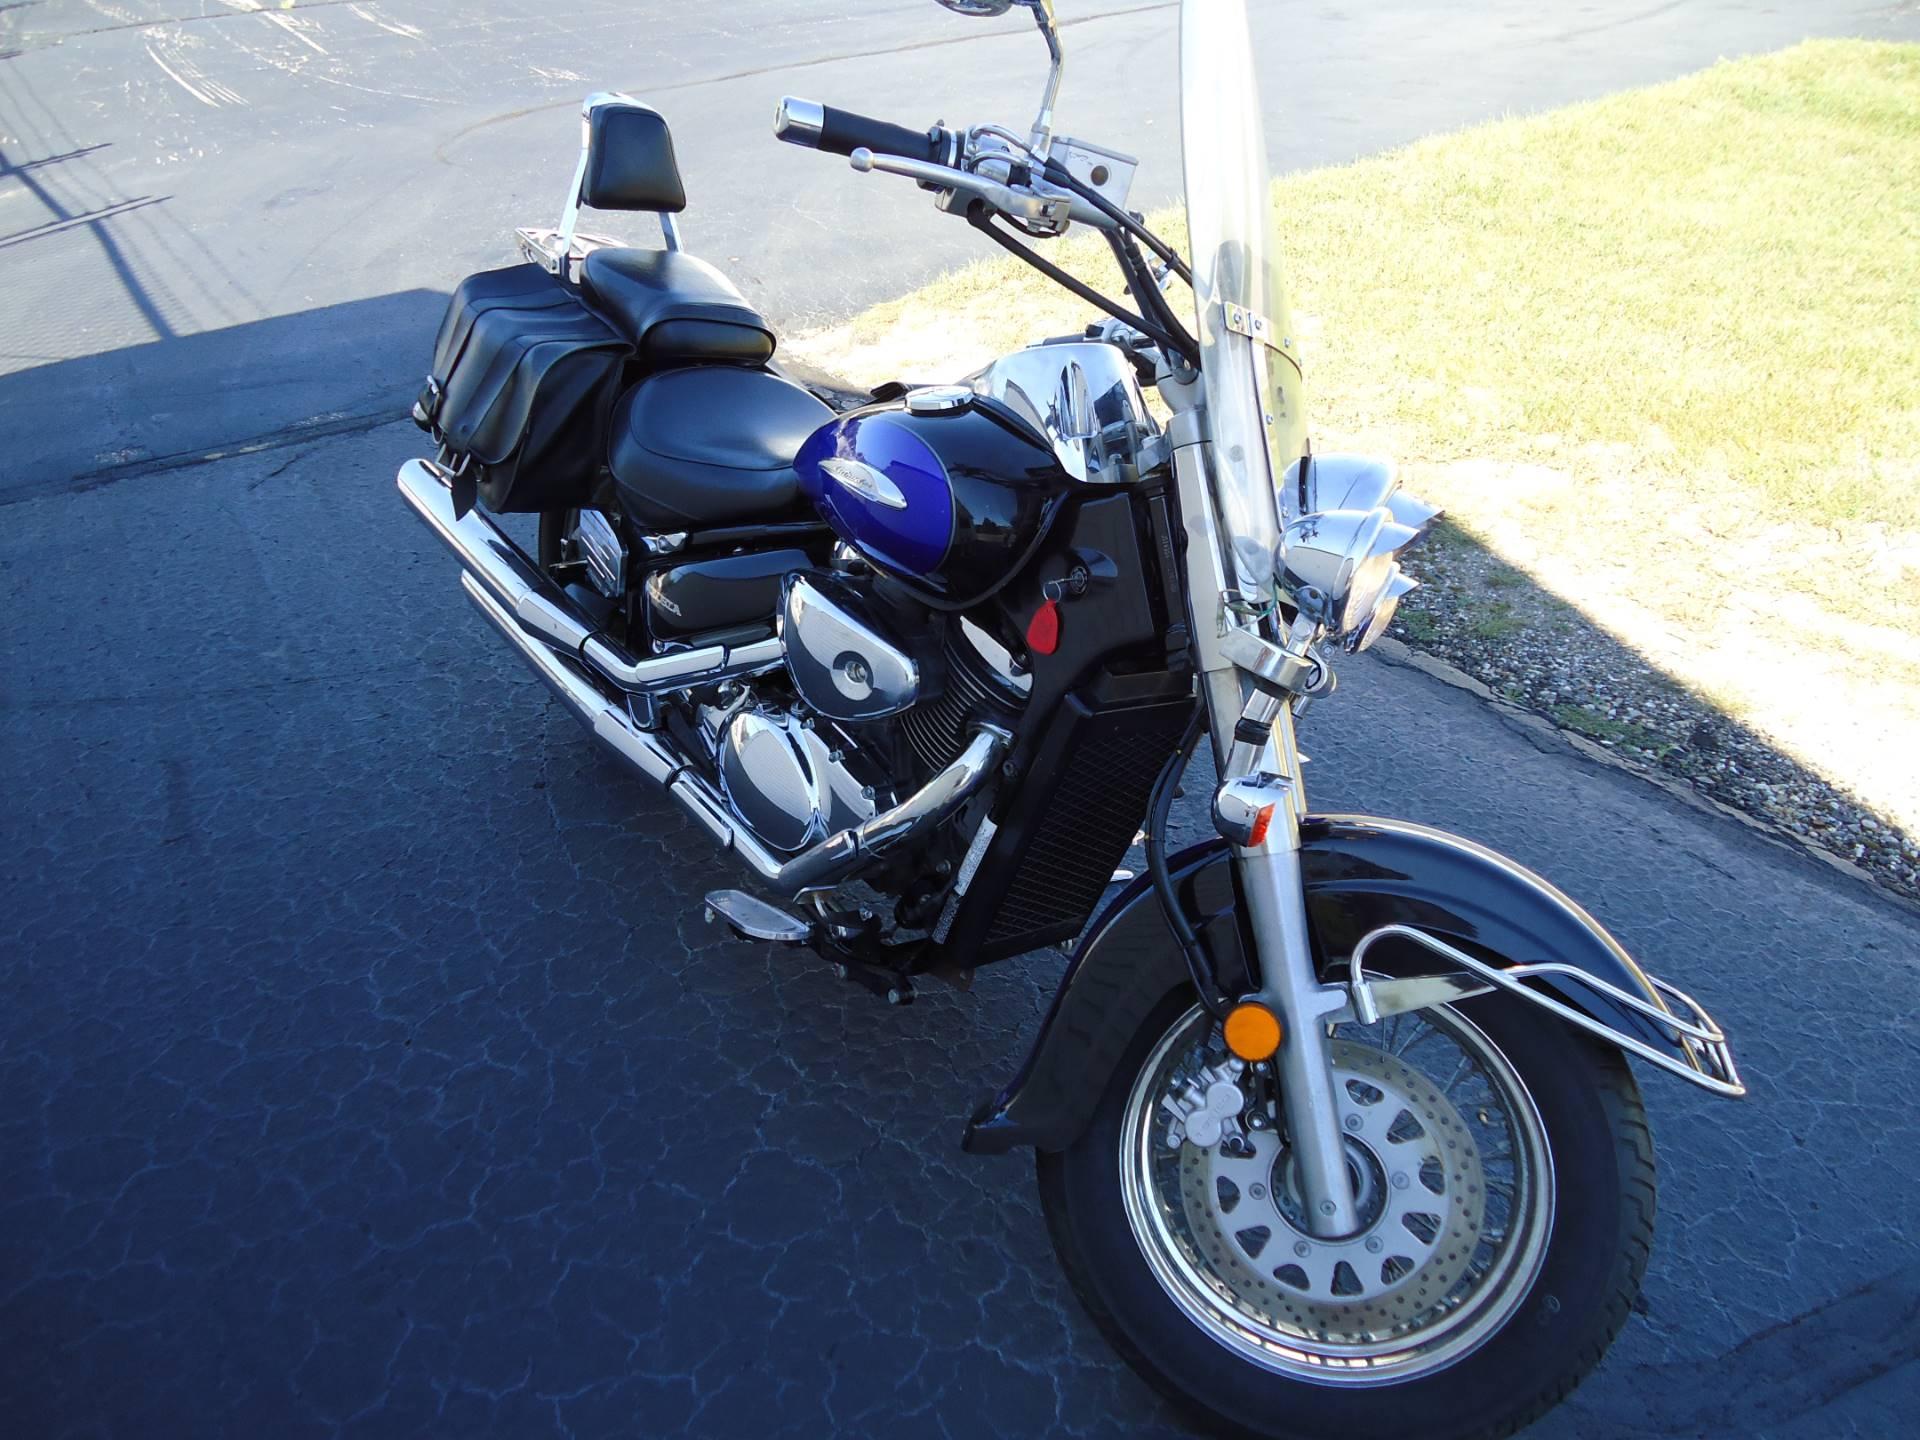 2002 Suzuki Intruder 800 2